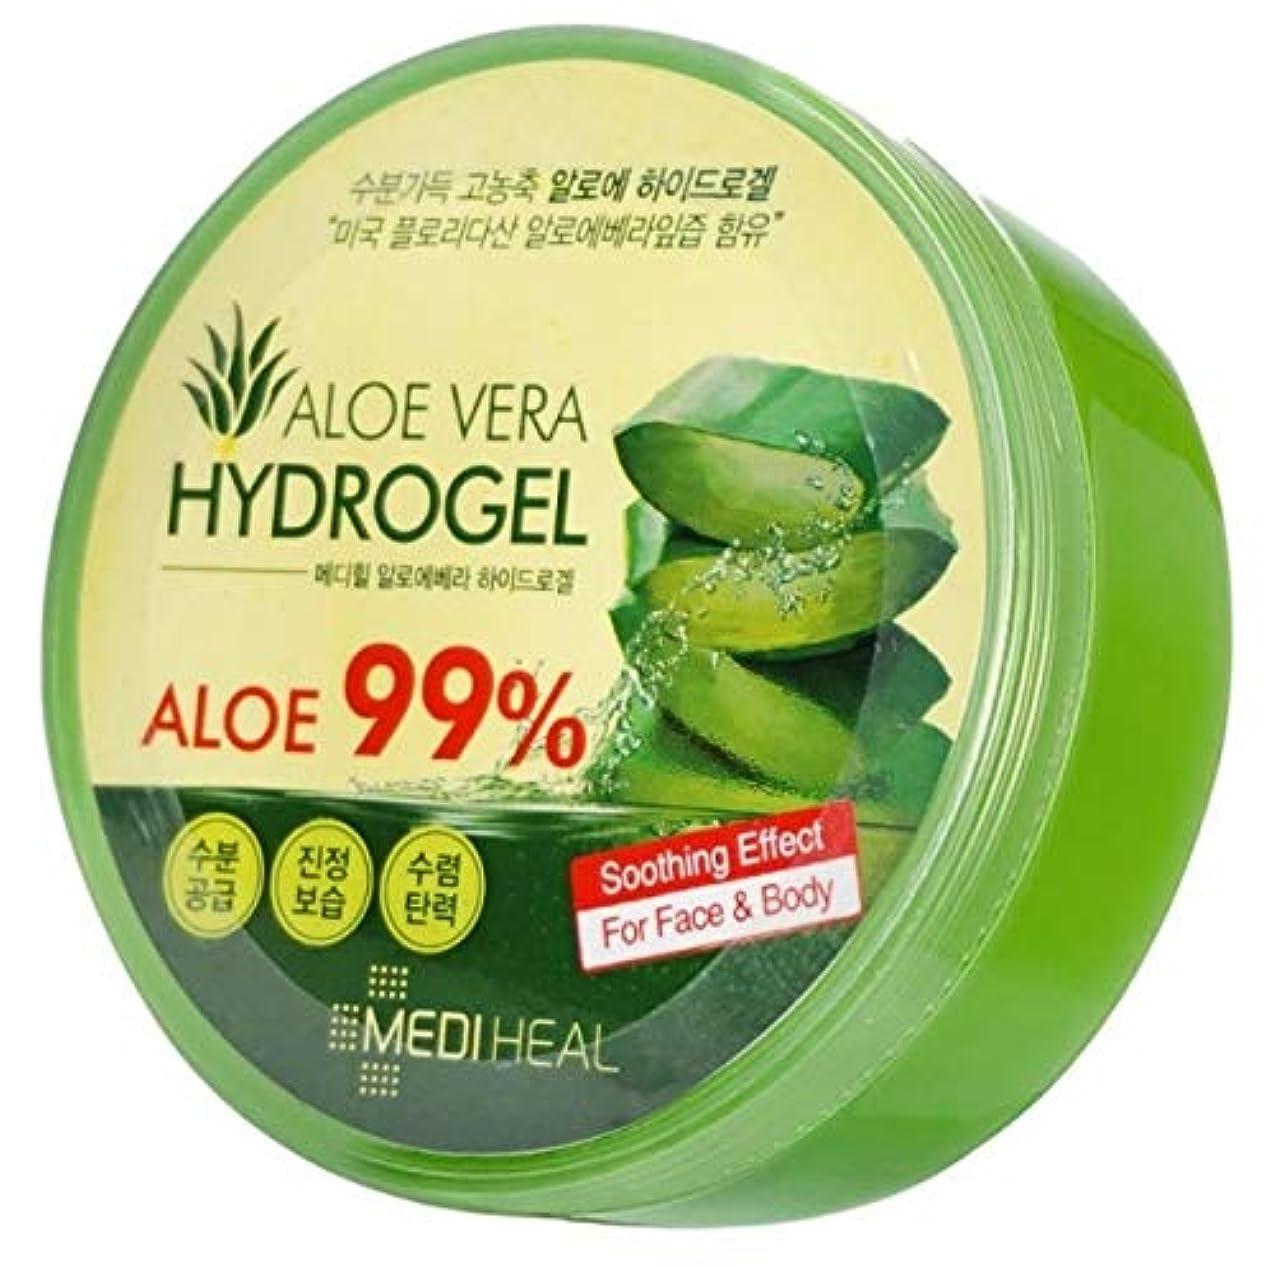 先いちゃつくオリエンタルMediheal メディヒール Skin Soothing なだめるような & Moisture 水分 99% Aloe アロエ Vera Hydro Gels ハイドロゲル